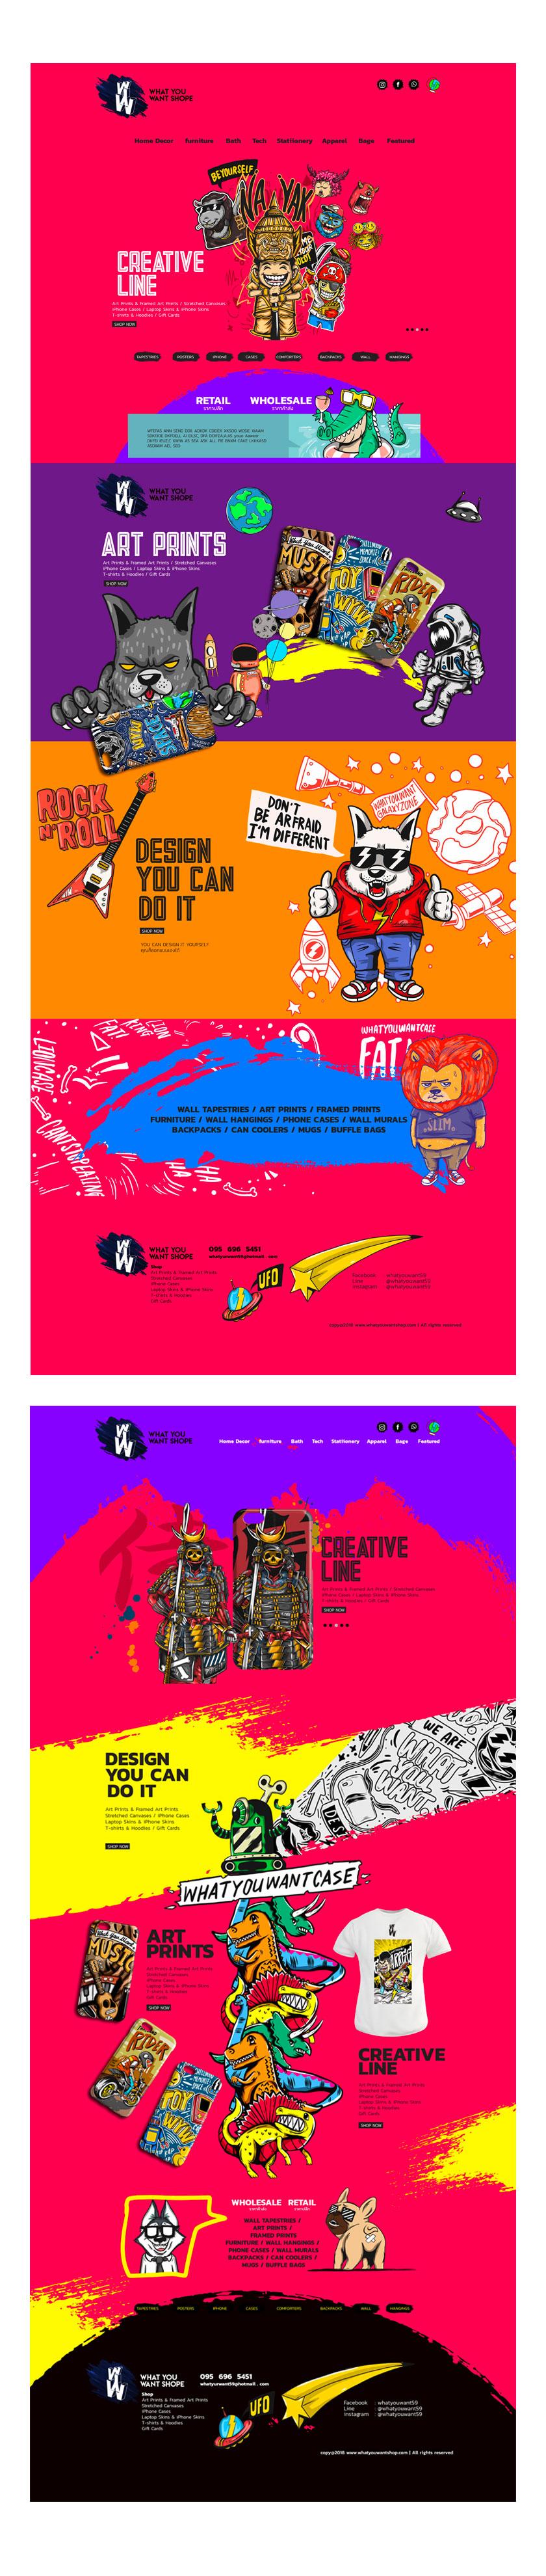 ออกแบบ ดีไซน์ เว็บไซต์ Responsive บนมือถือ ระบบ e e commerce Ad facebook